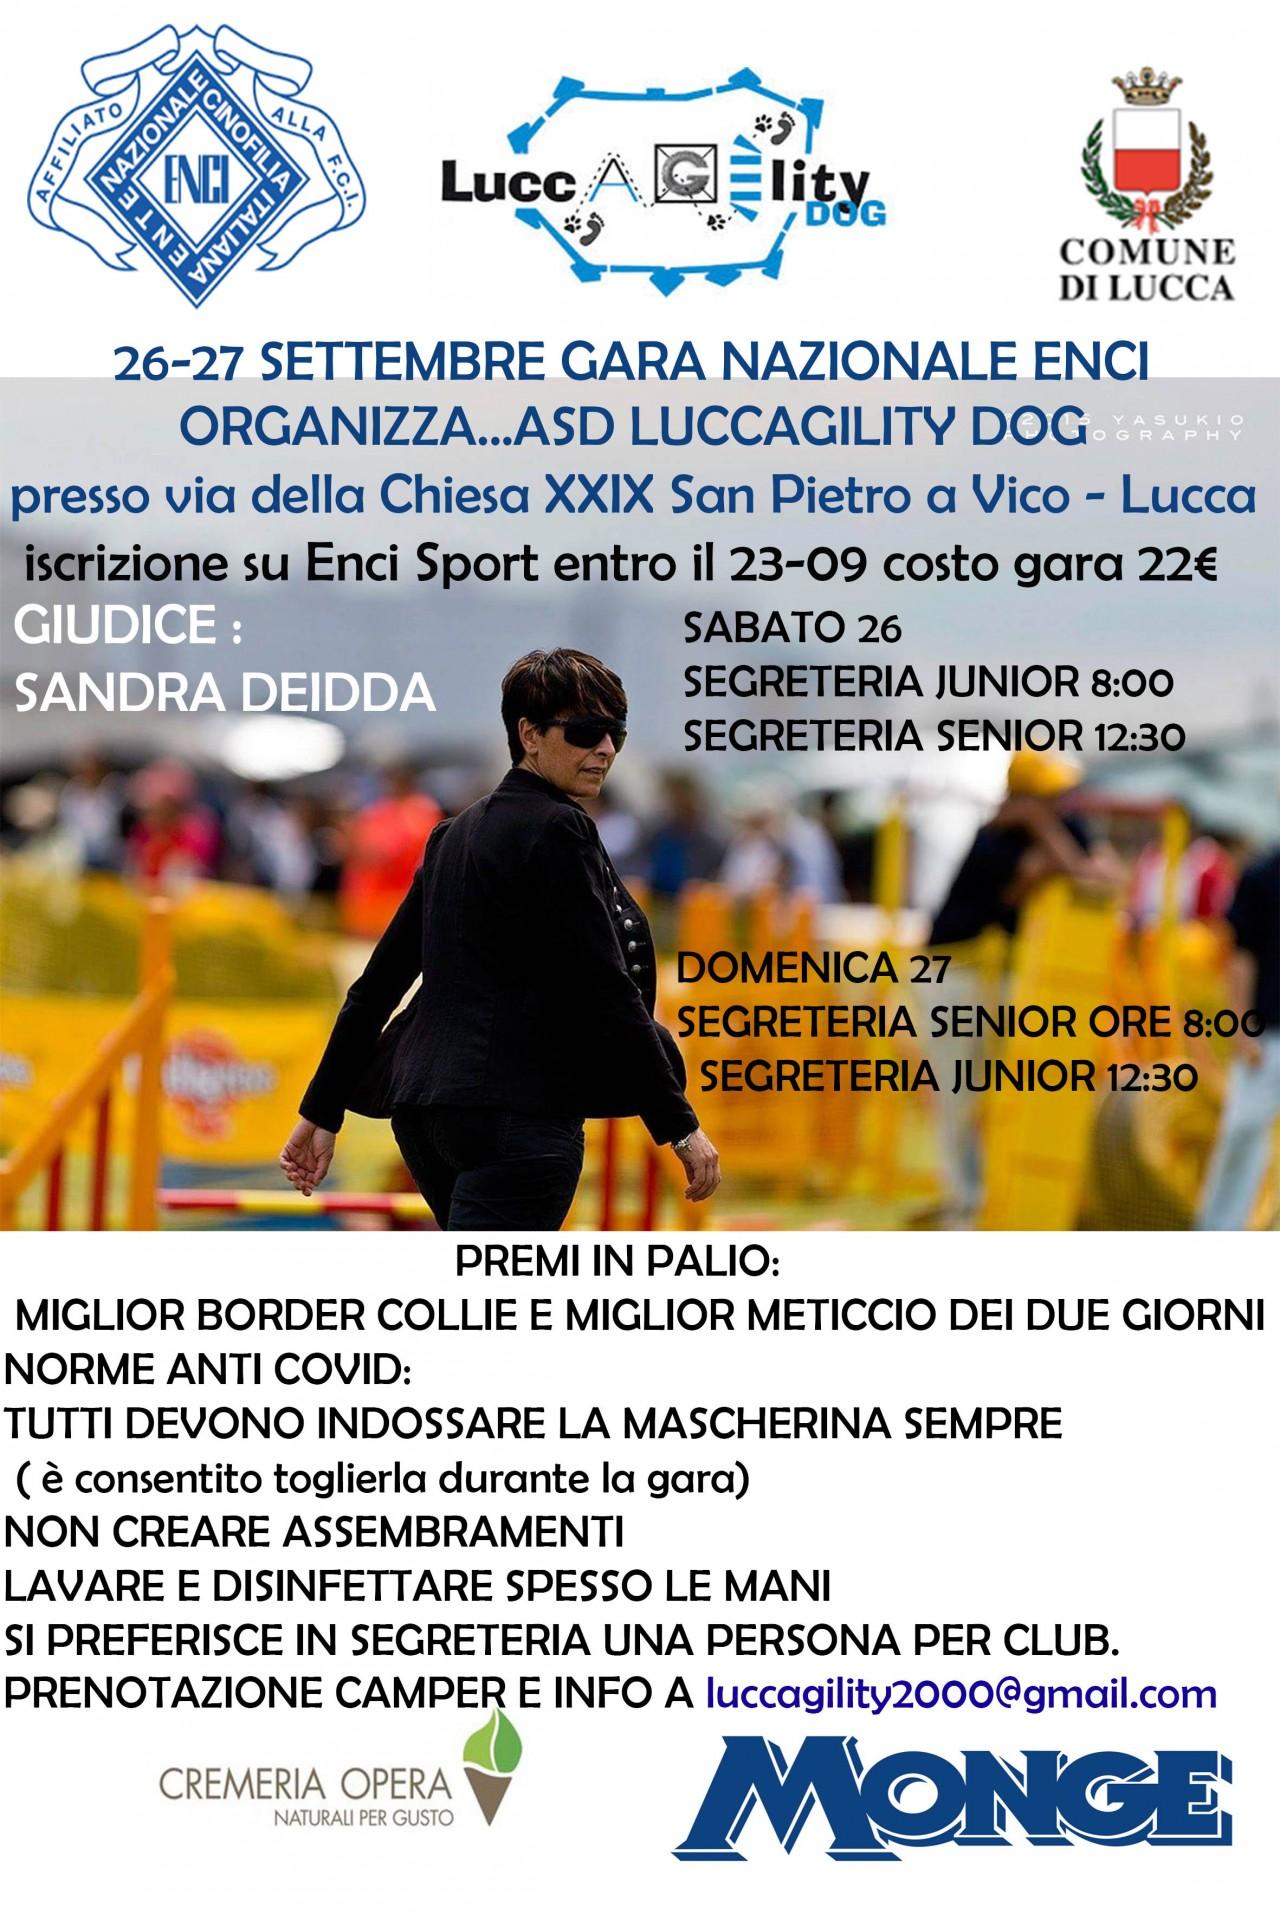 Enci Luccagility premi speciali